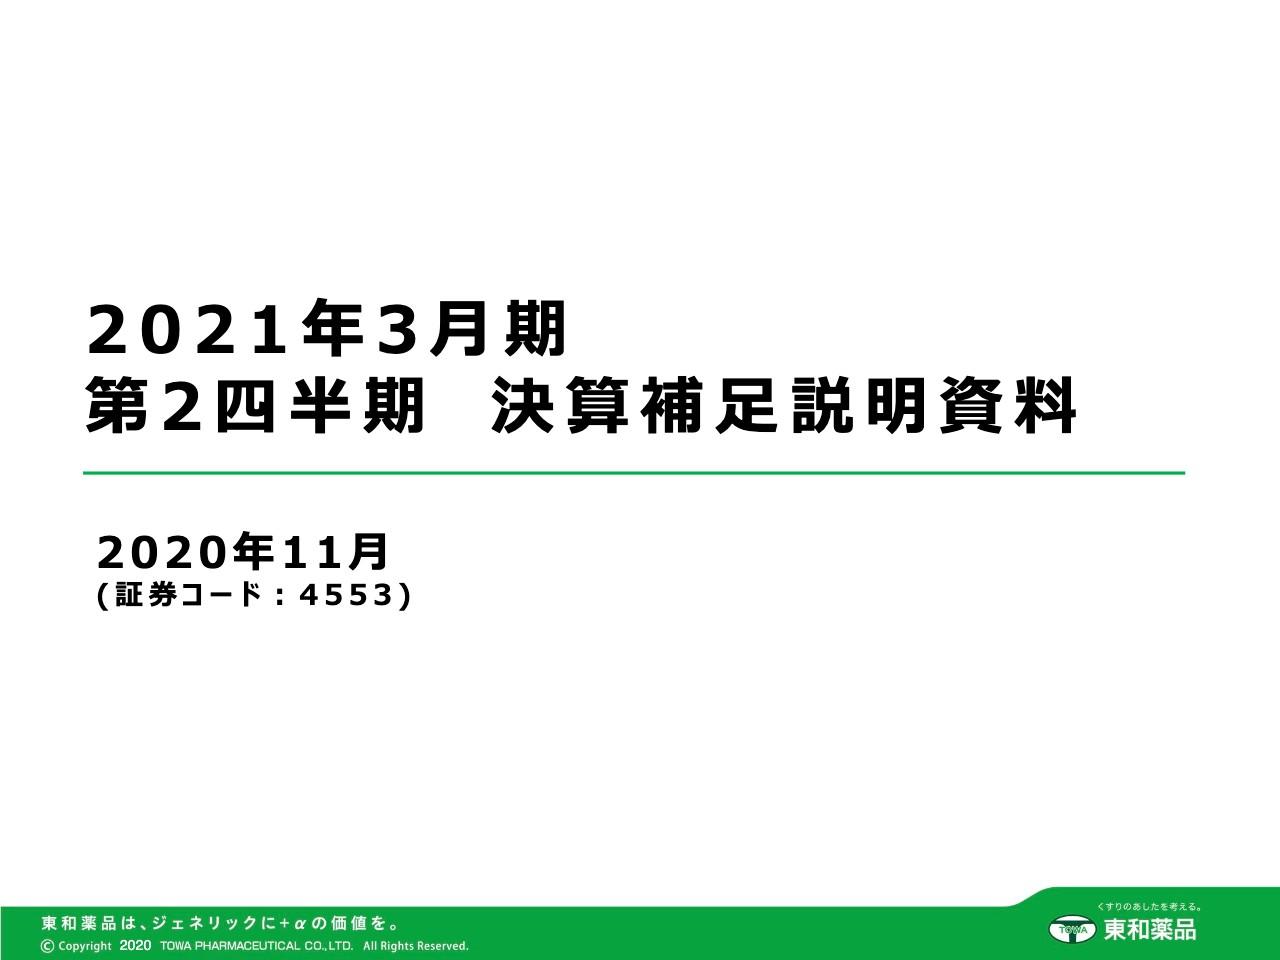 東和薬品、Towa HD連結により2Qは増収も、薬価改定の影響により営業利益は前年同期比−4.7%と減益